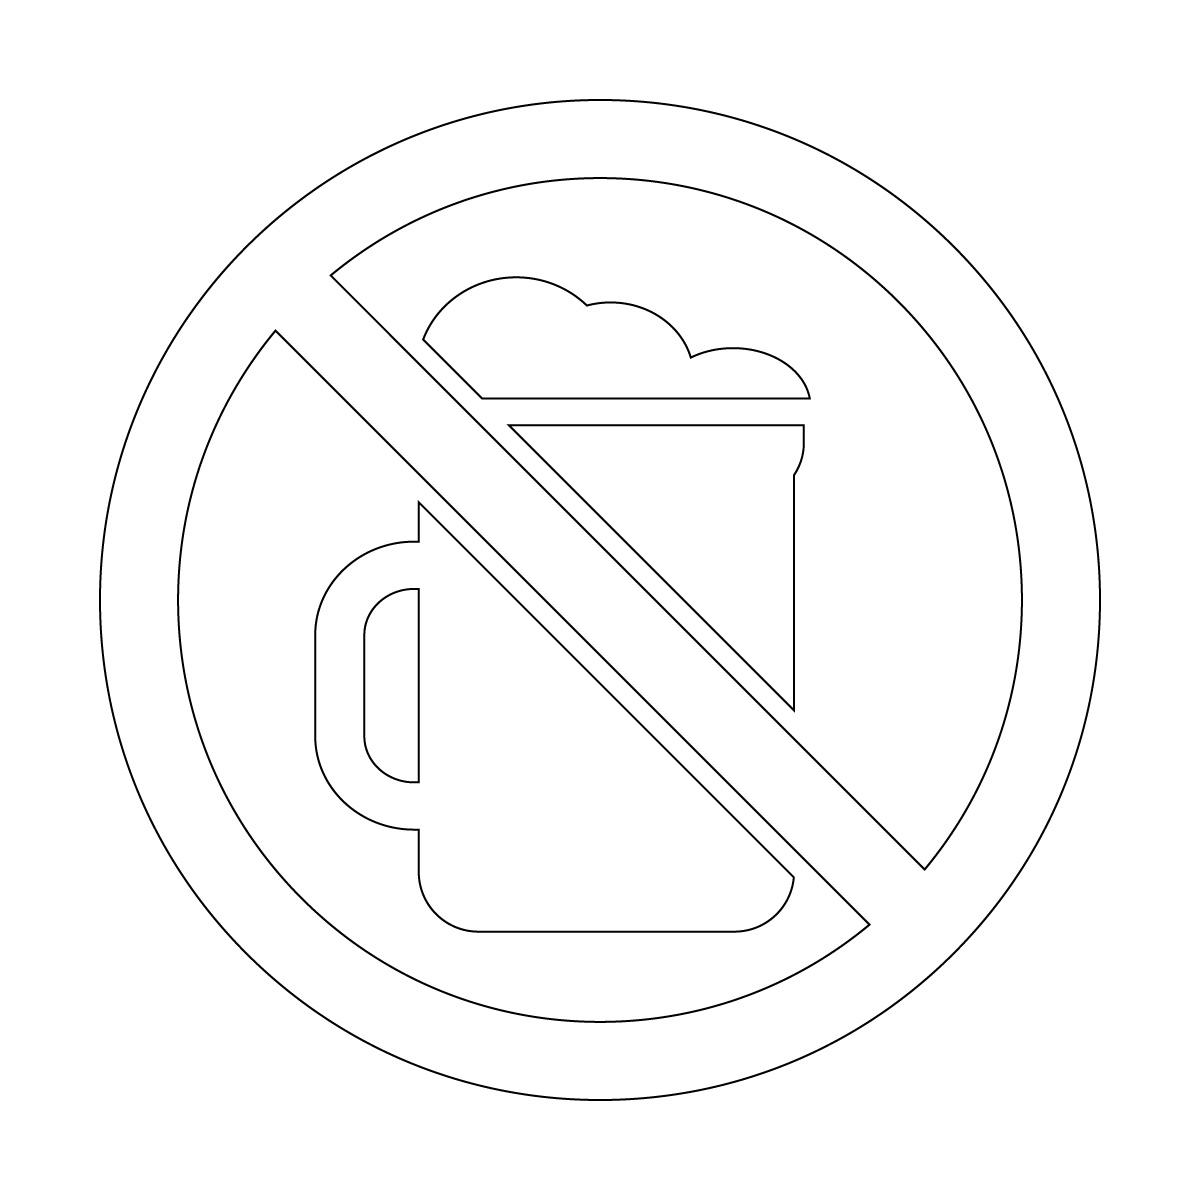 白色のお酒・ビール禁止マークのカッティングシートステッカー